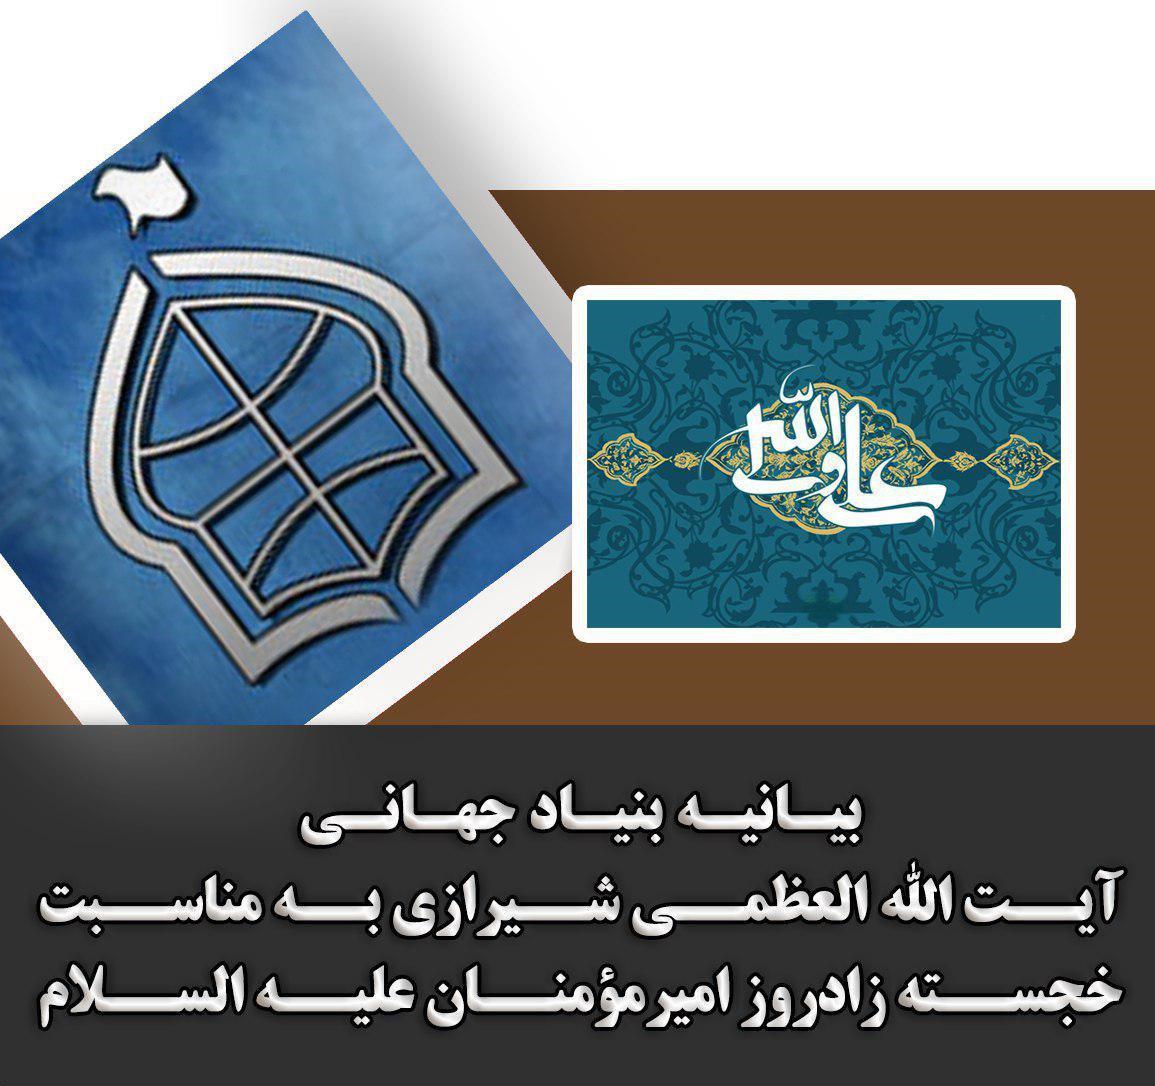 تصویر بیانیه بنیاد جهانی آیت الله العظمی شیرازی به مناسبت خجسته زادروز امیرمؤمنان علیه السلام